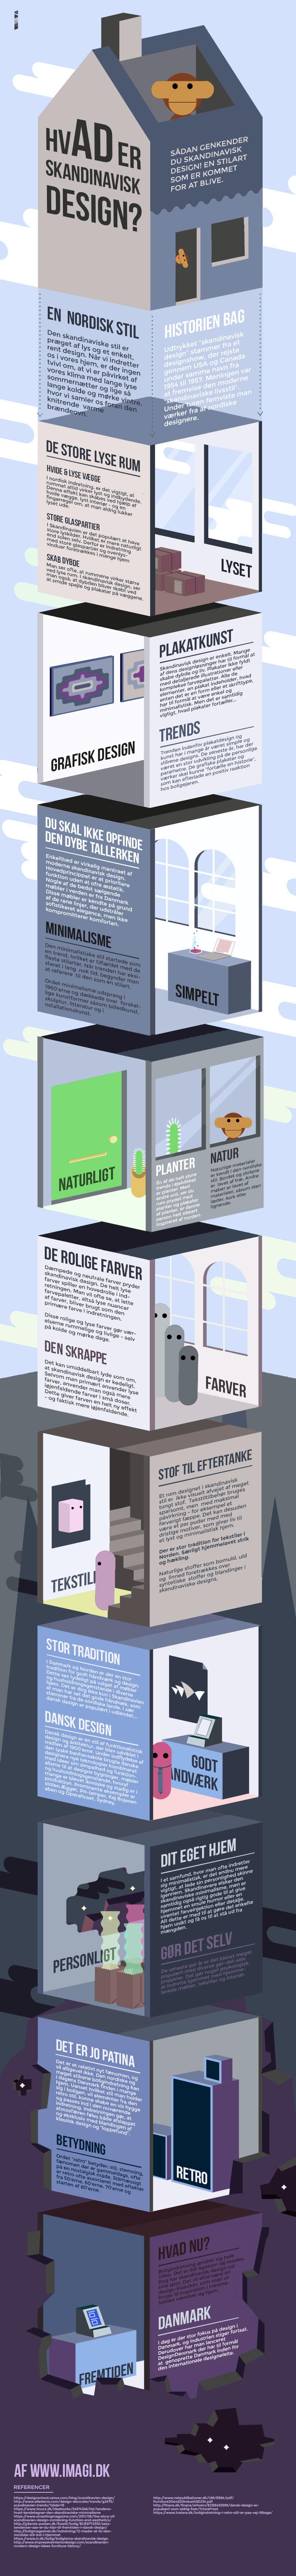 Skandinavisk design - Infografik om indretning